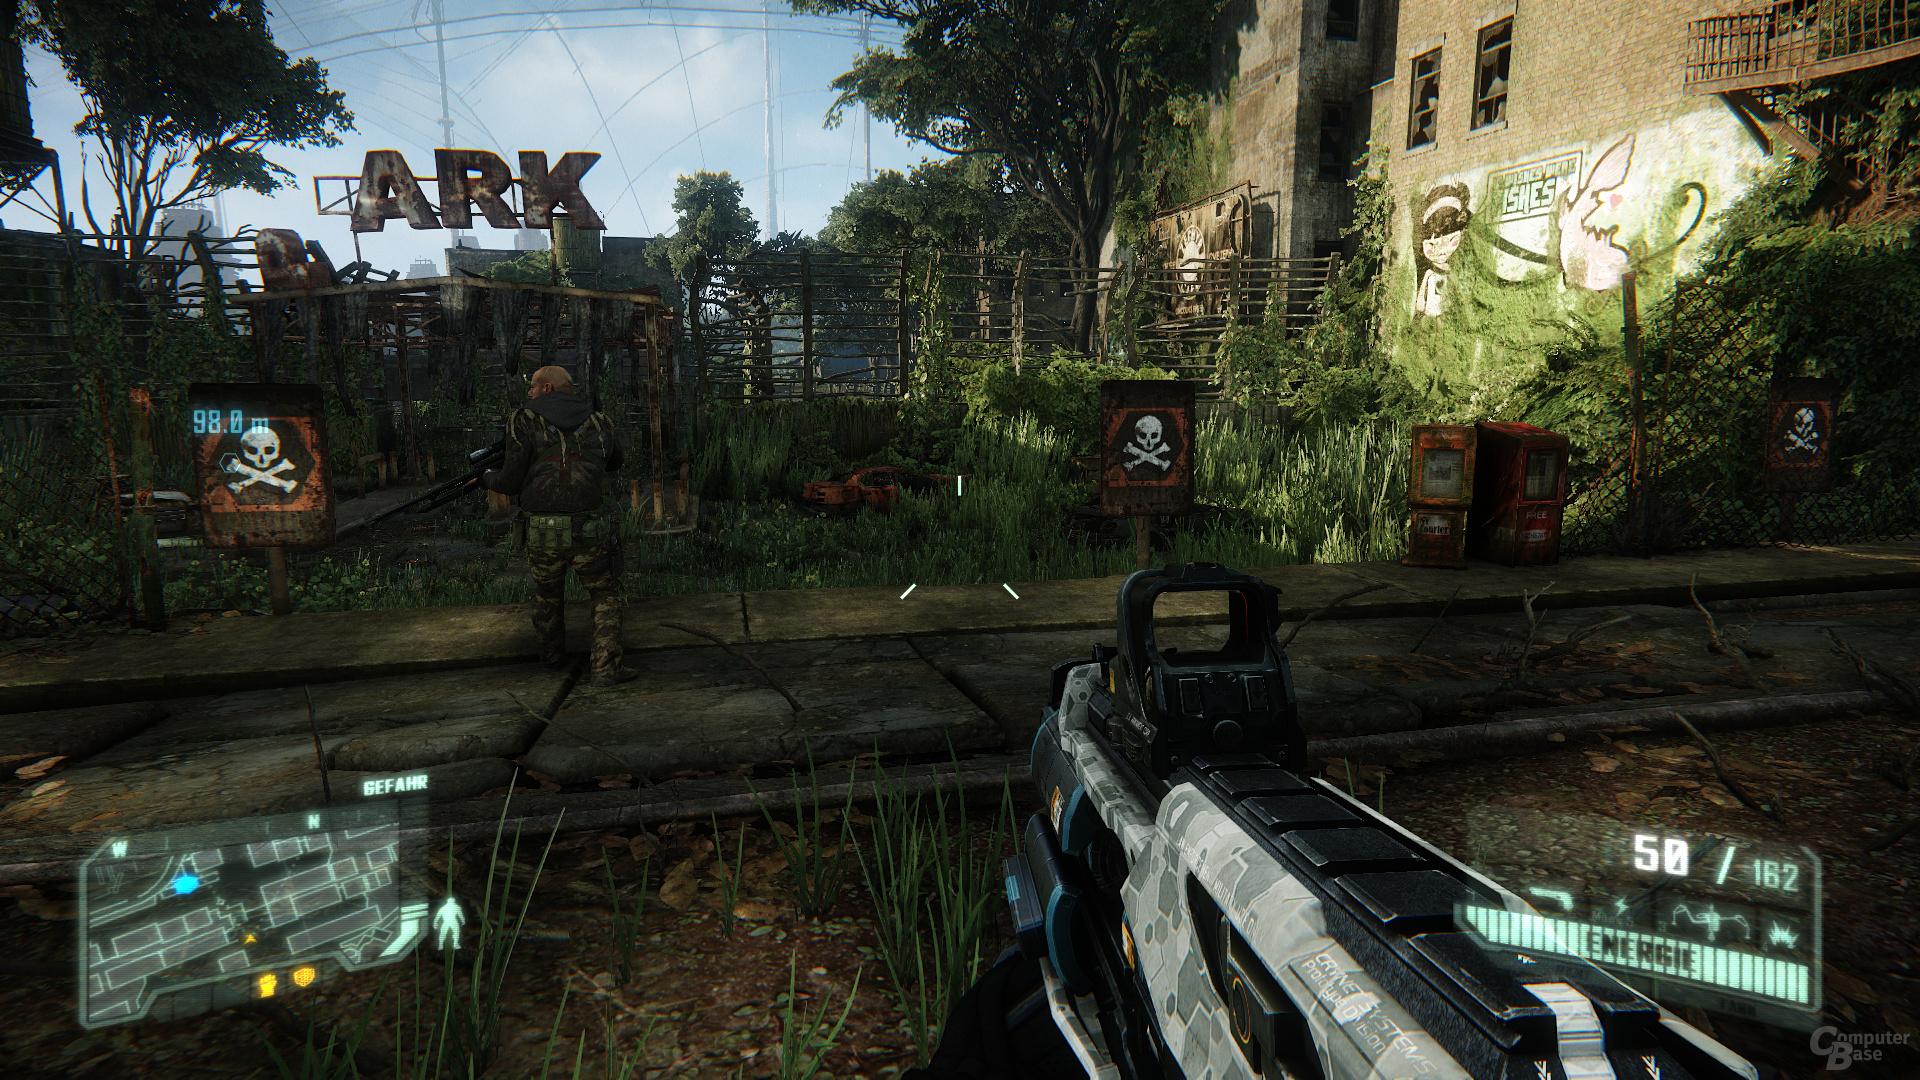 Crysis 3 - 1x SMAA